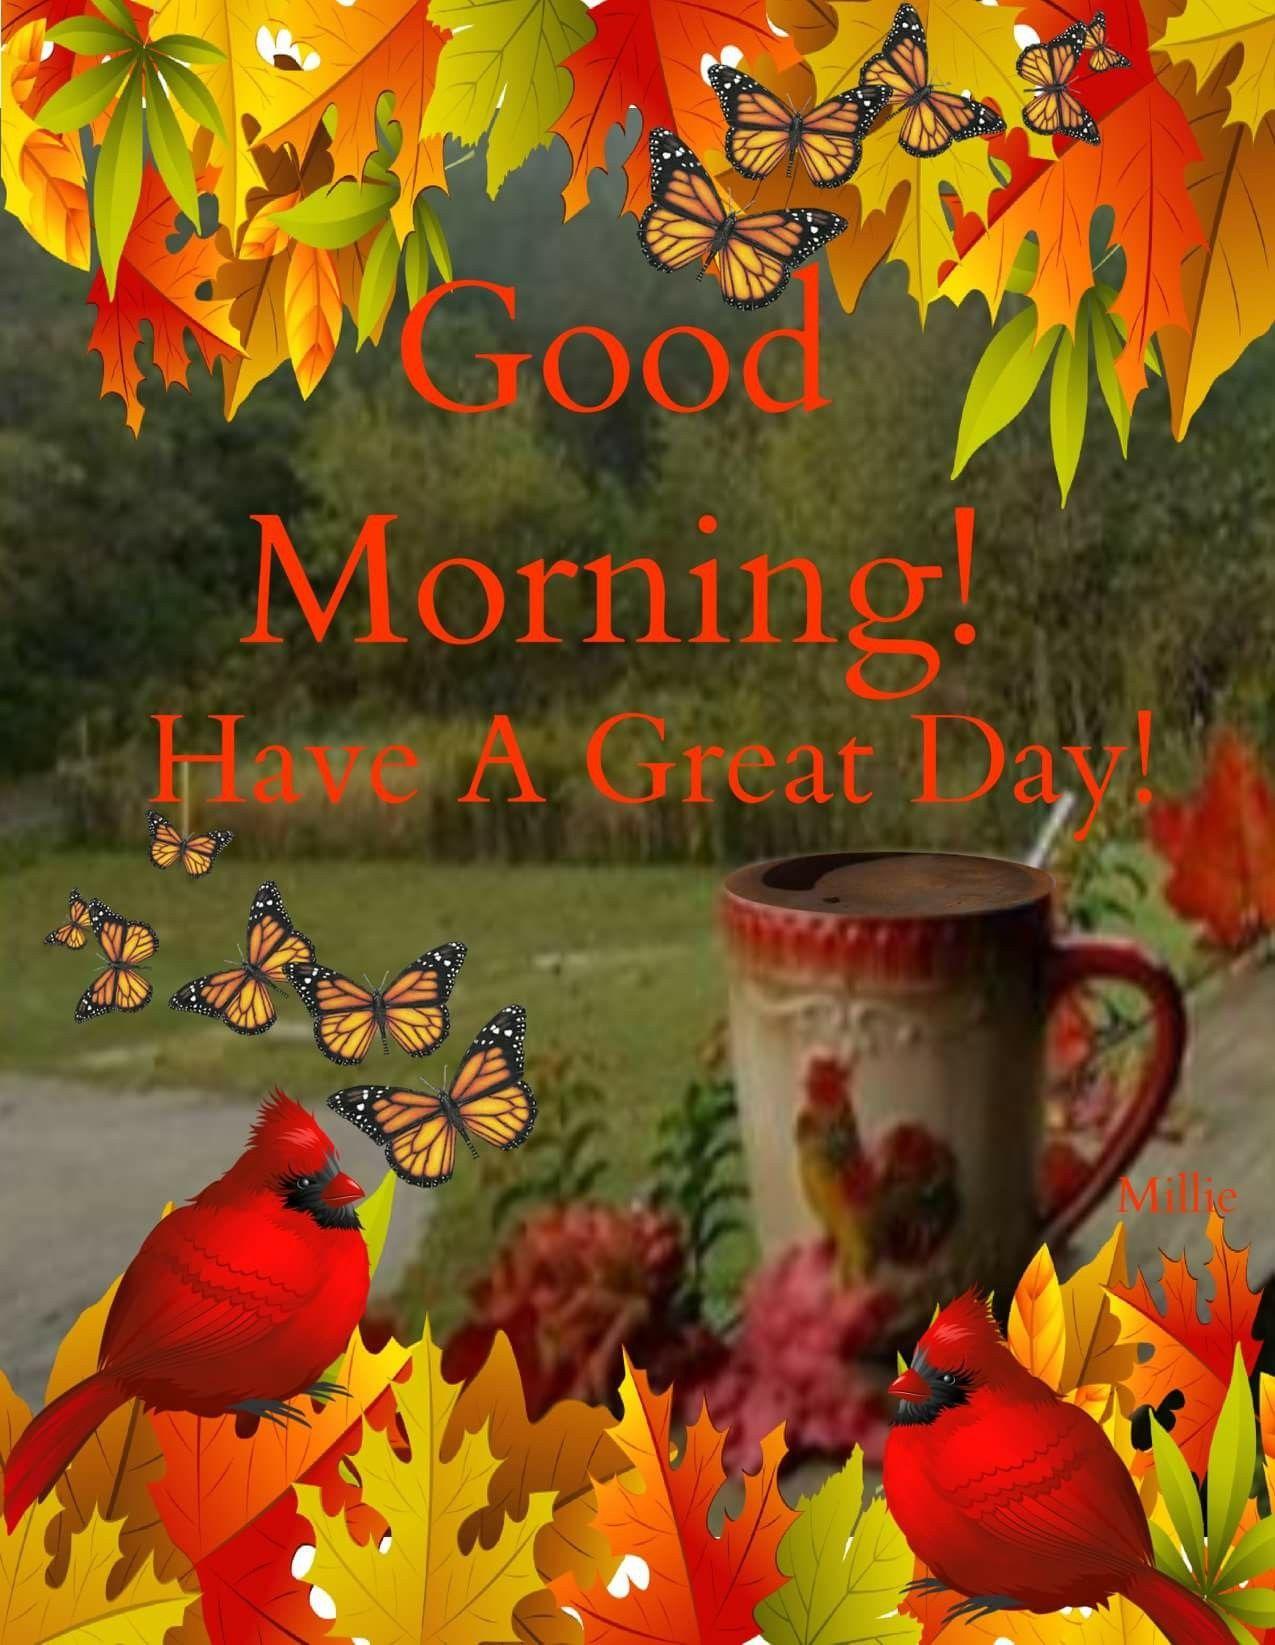 Картинки смешных художников с добрым осенним утром, днем